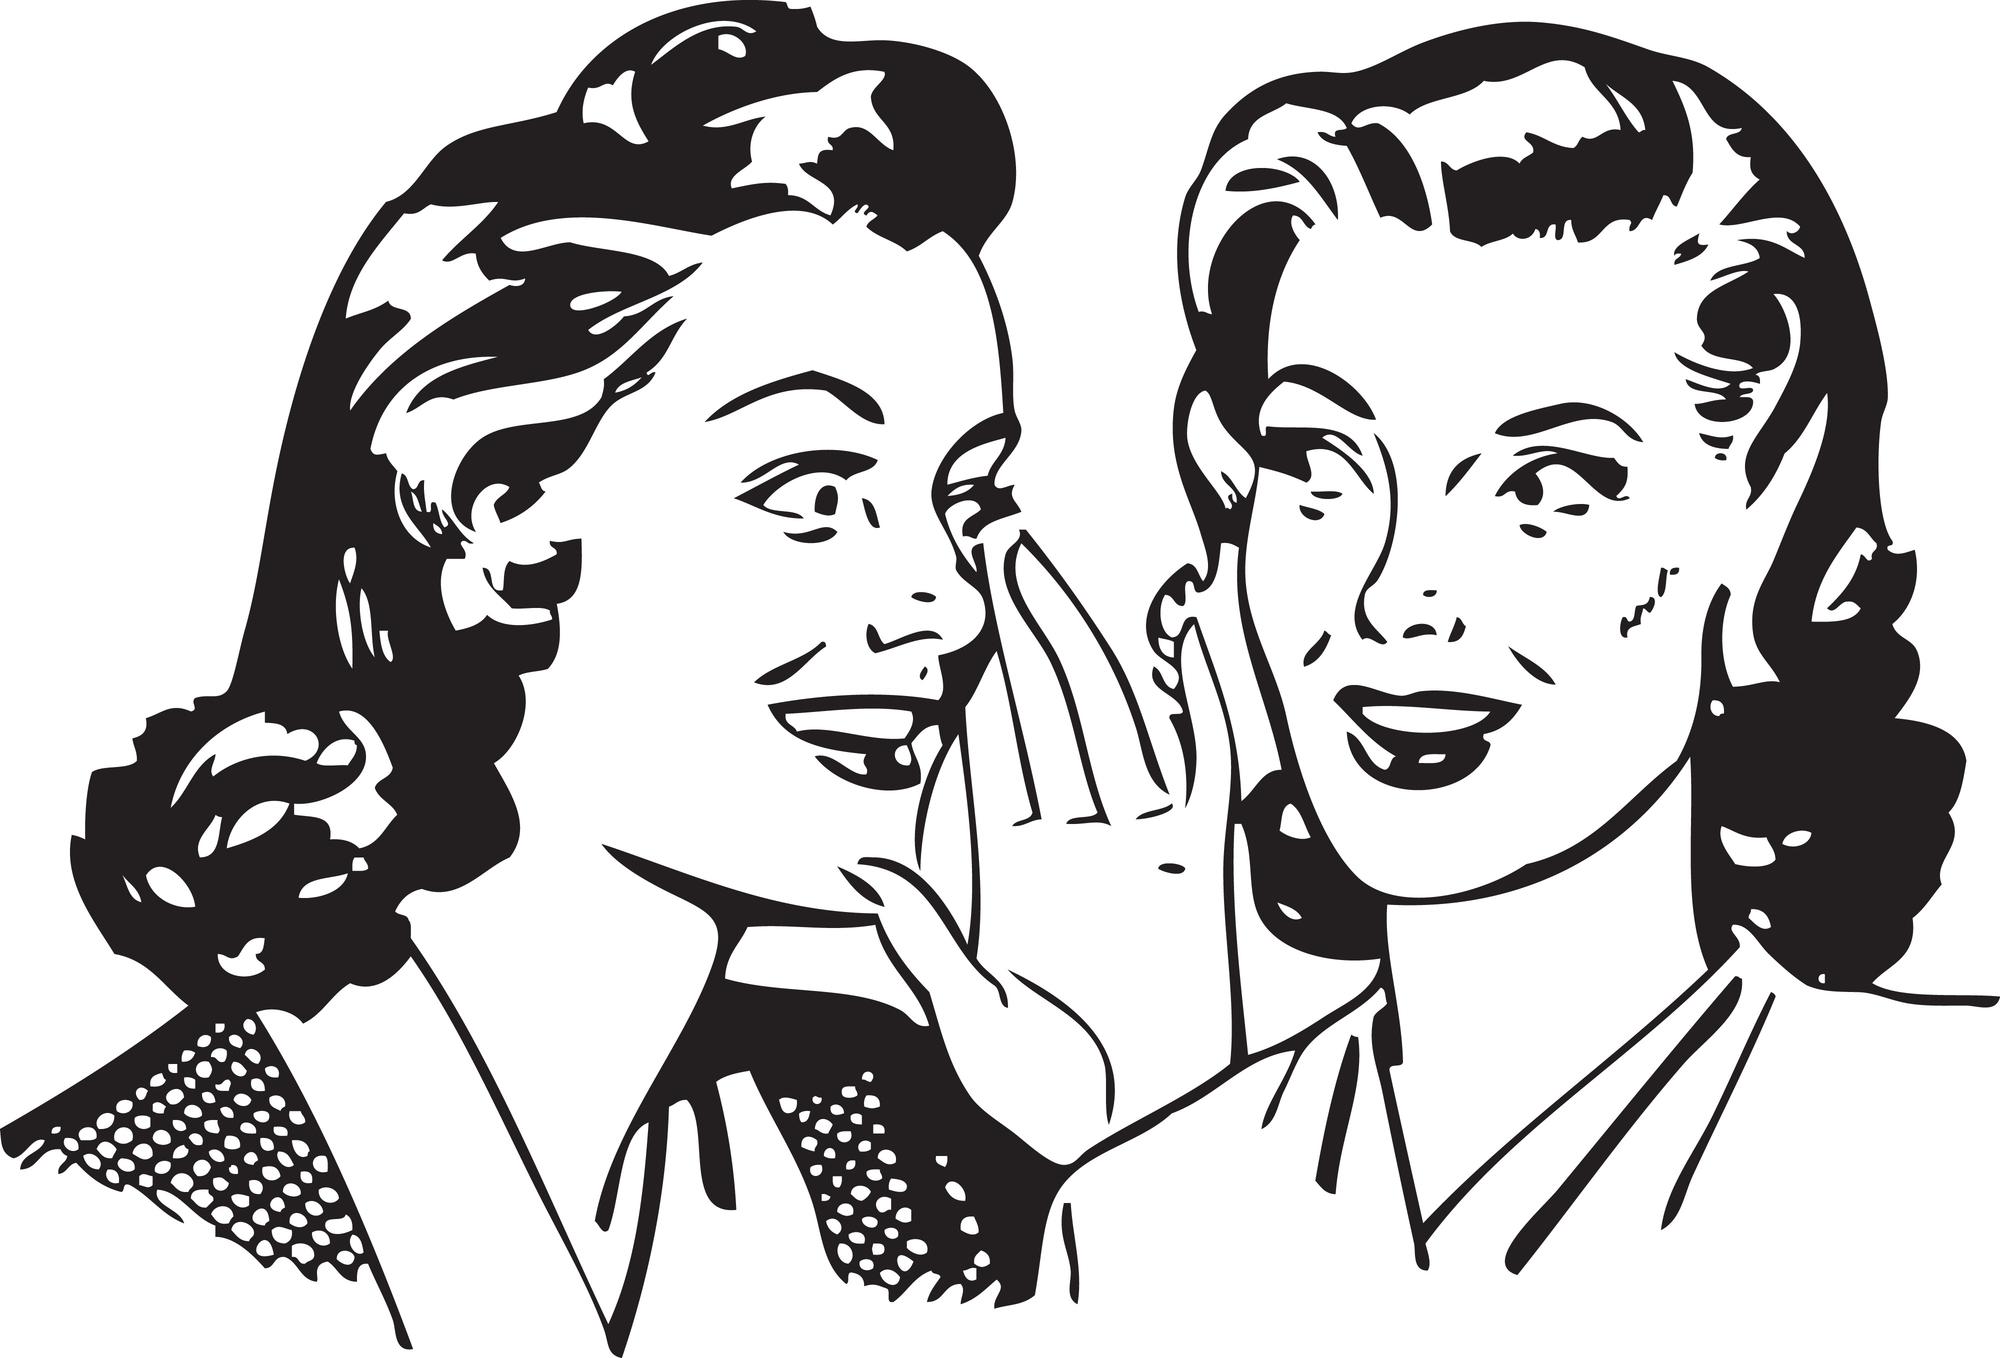 retro-women-gossiping-creative-commons.jpg